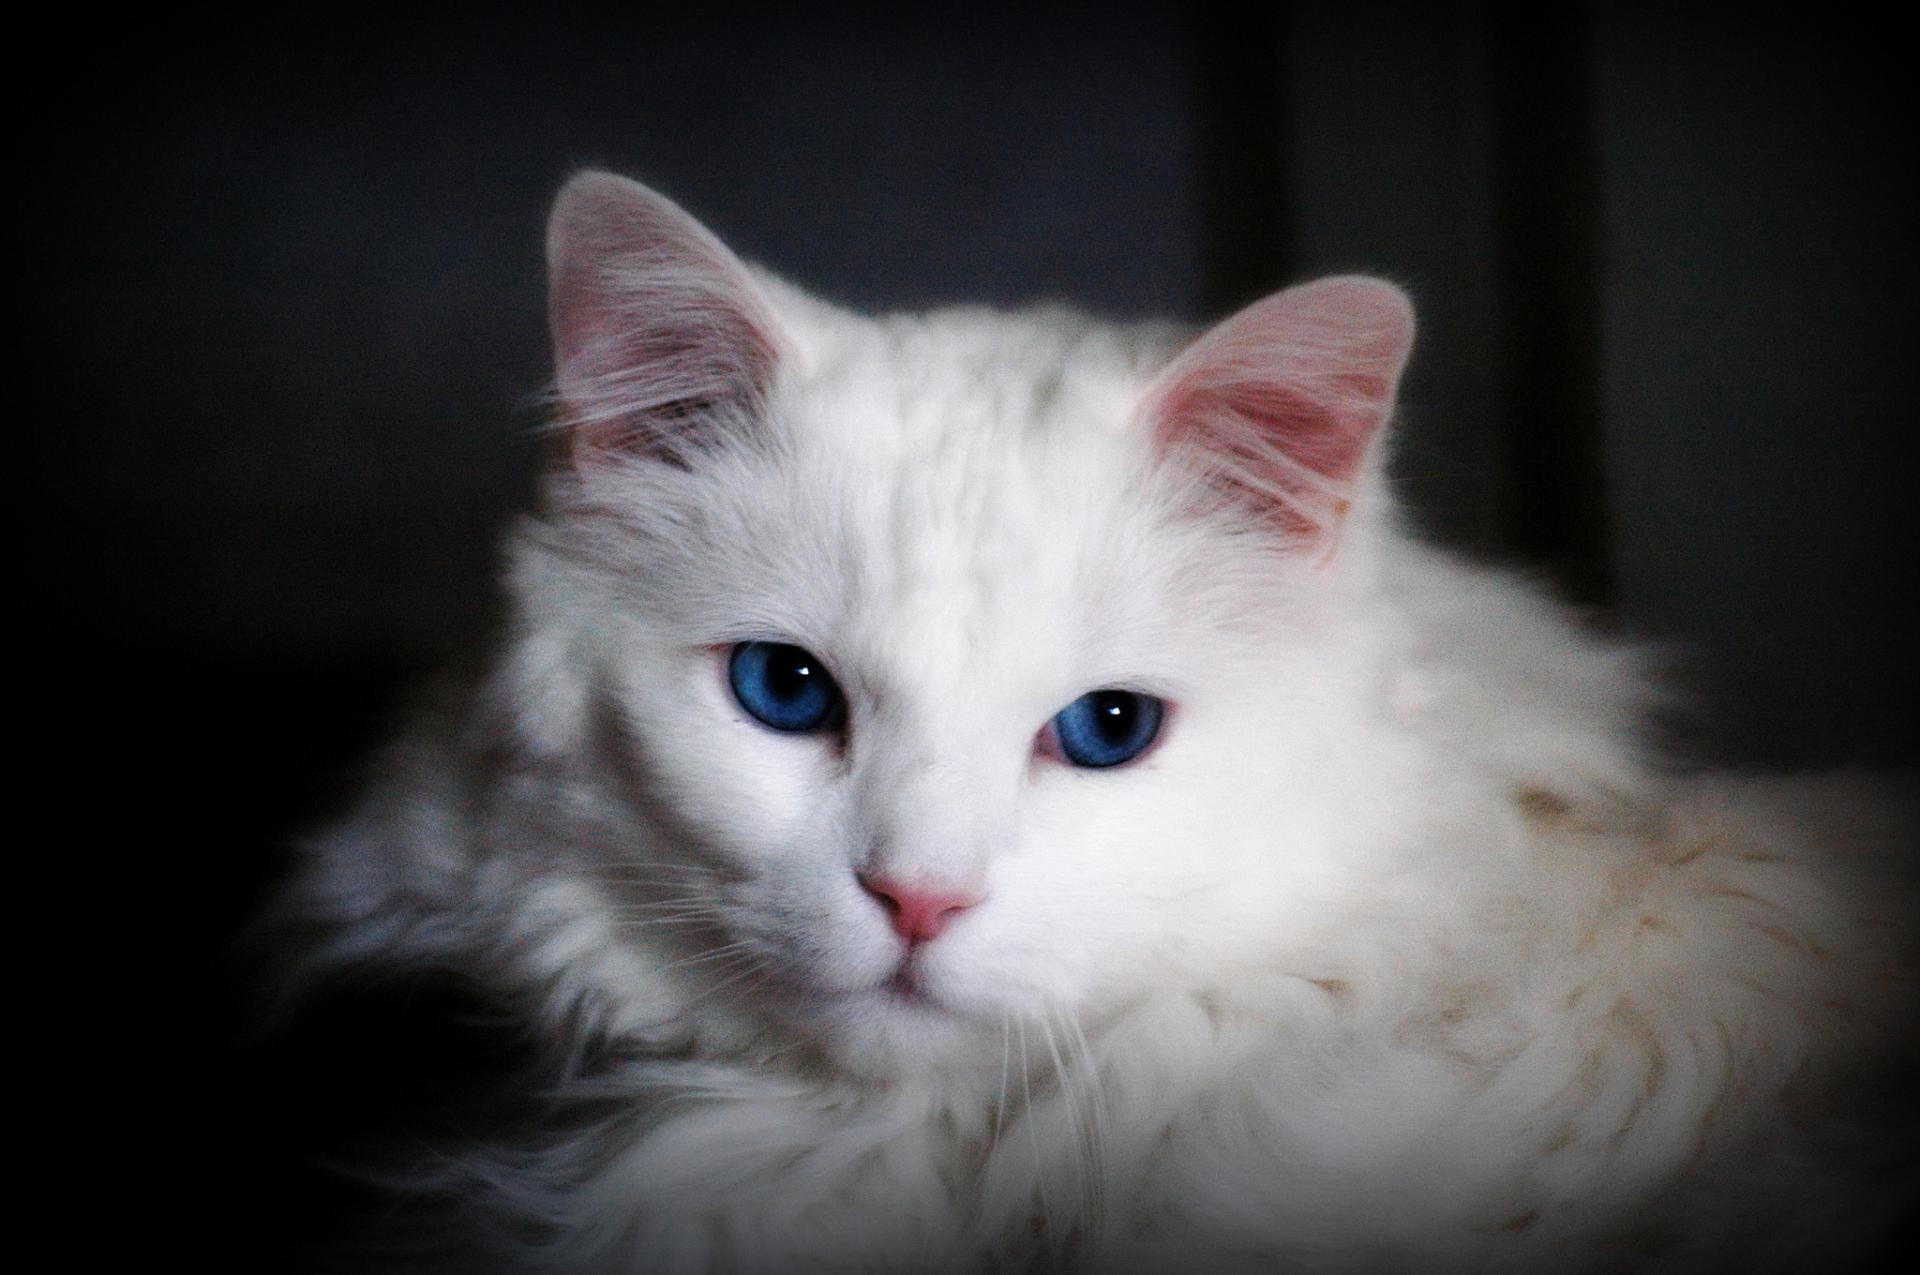 рассмотрев, котята турецкая ангора см фото бы